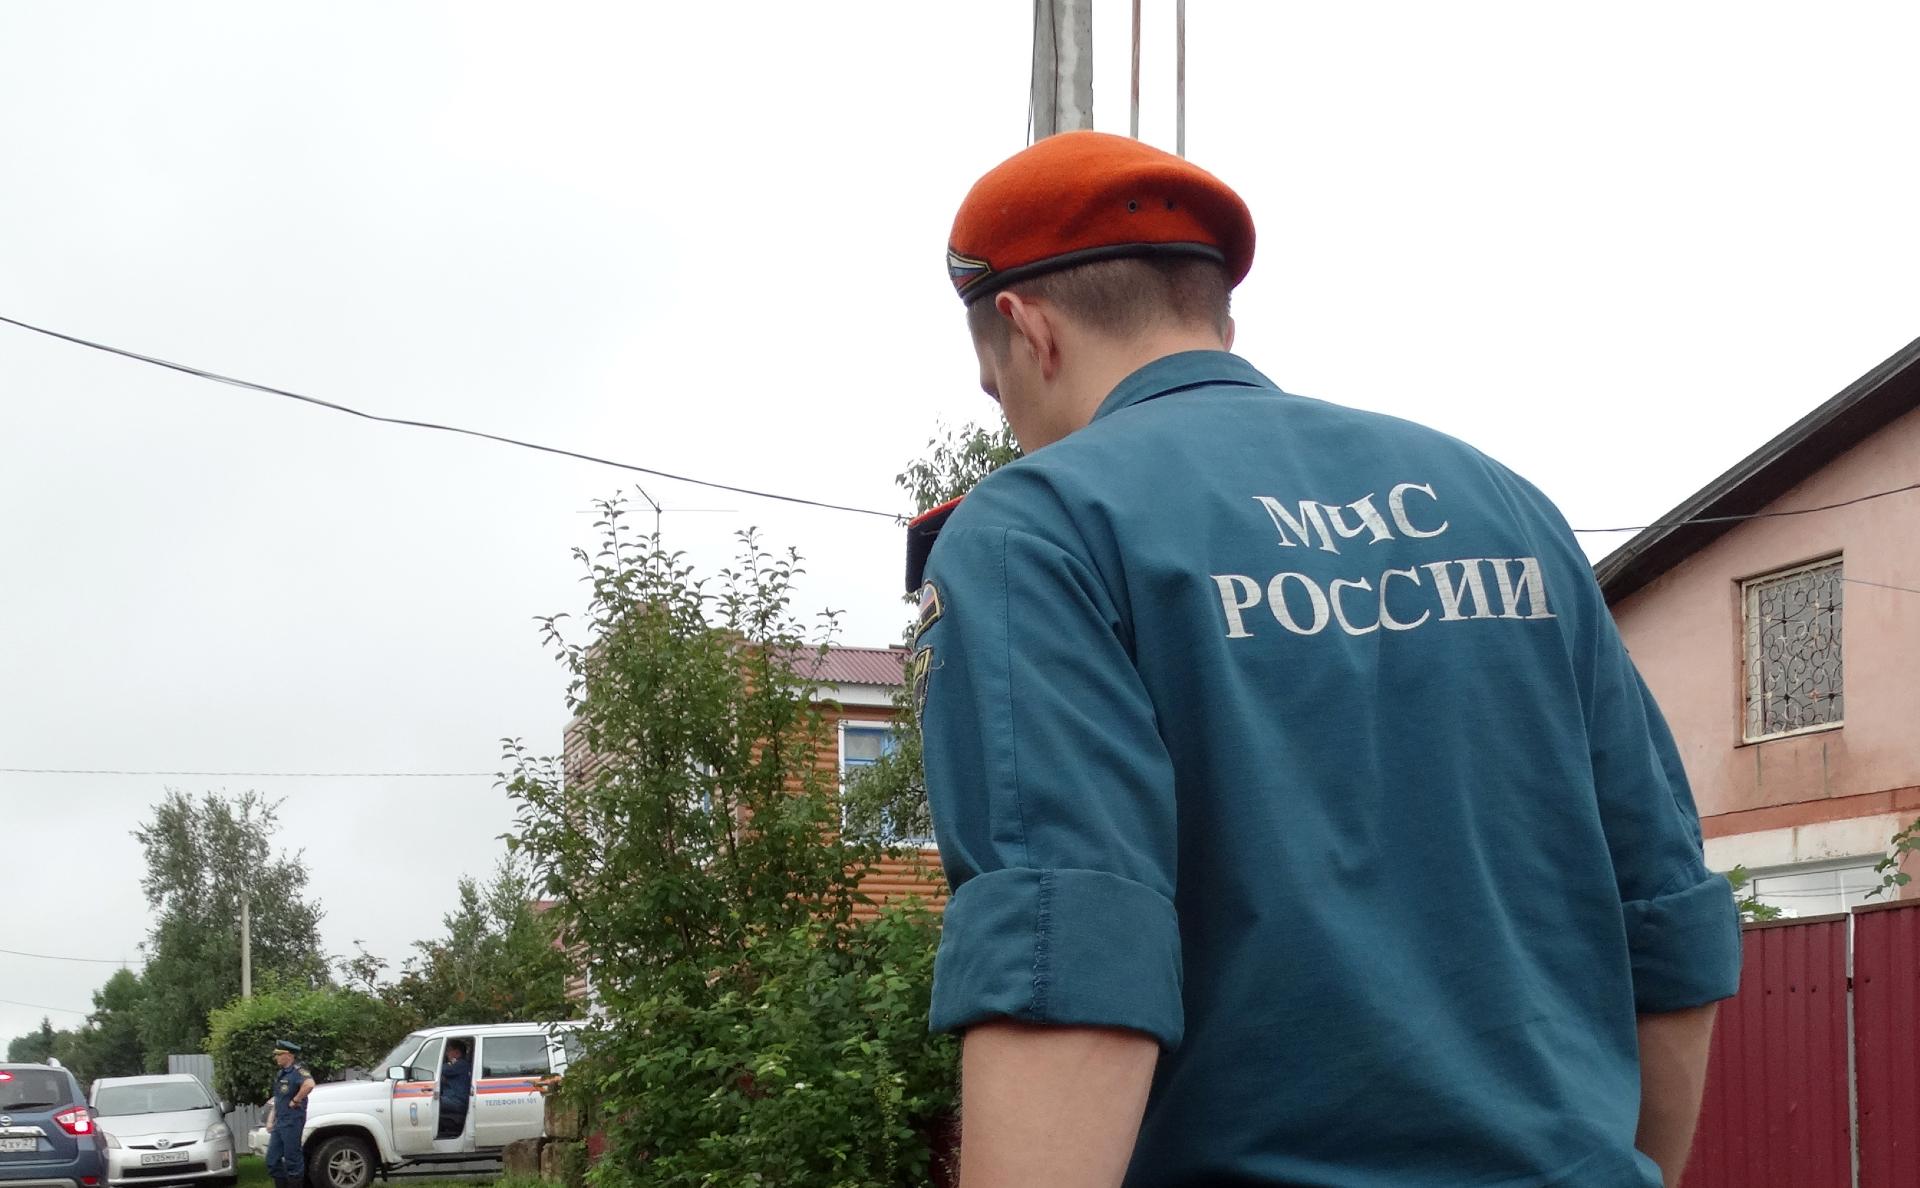 http://s0.rbk.ru/v6_top_pics/media/img/4/93/755714524977934.jpeg